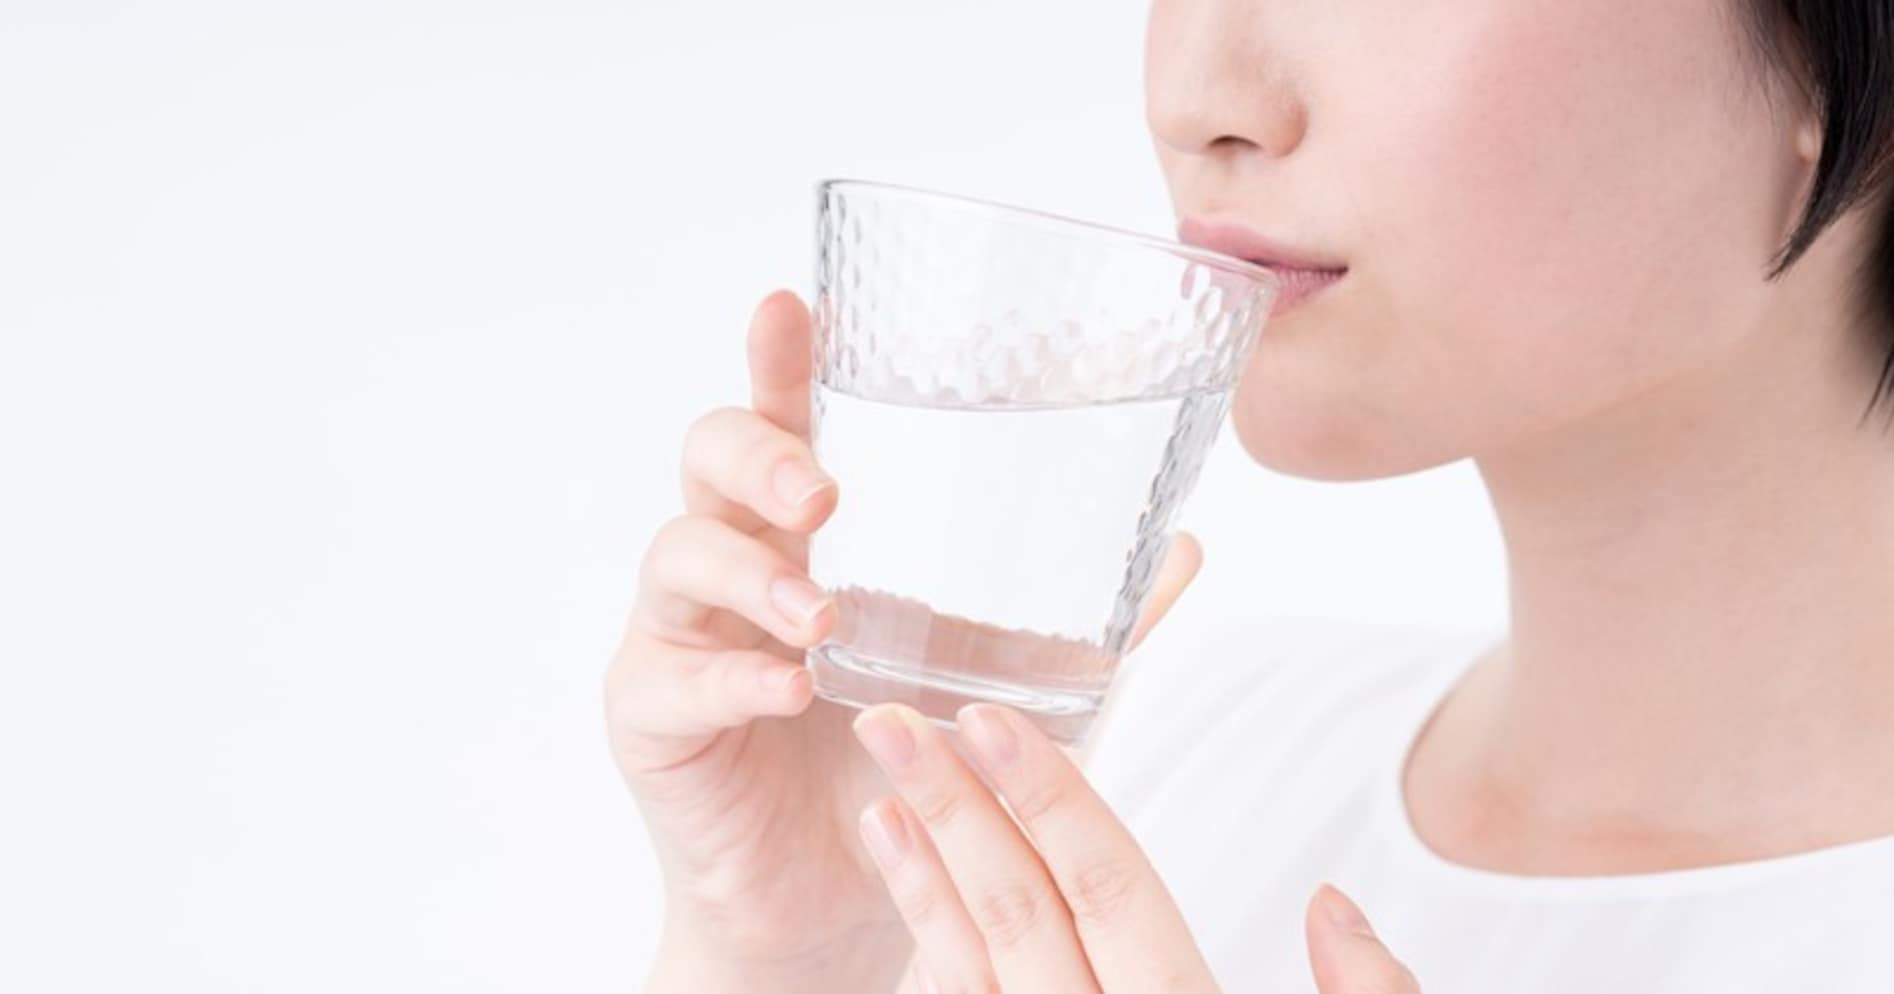 """あなたは""""透明な味噌汁""""を許せるか?「透明飲料」のブームに感じるコト"""